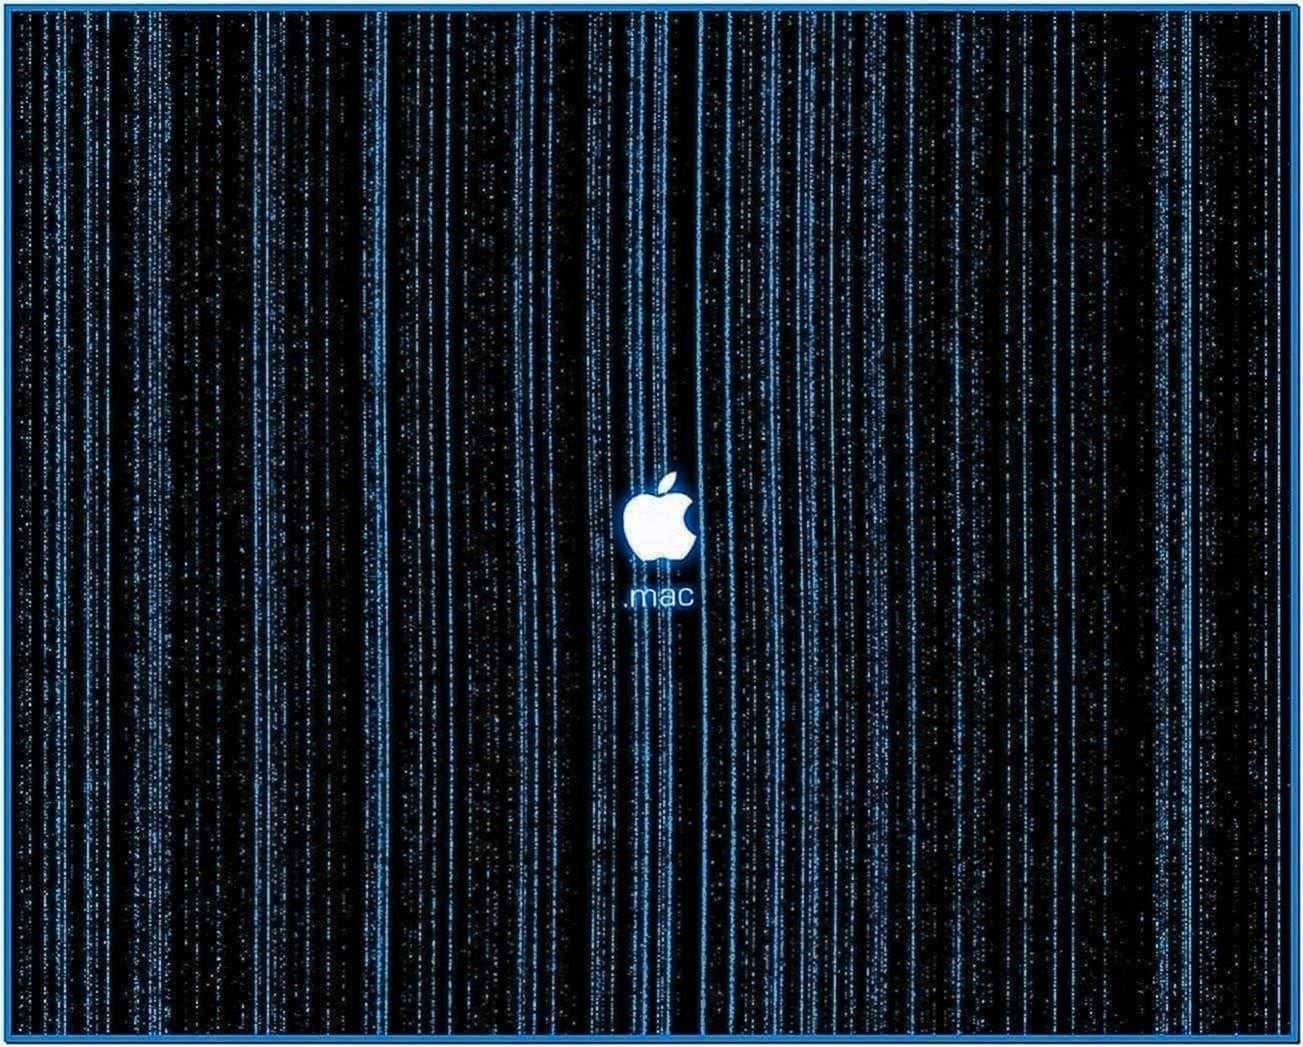 Matrix Screensaver Mac OS X Leopard